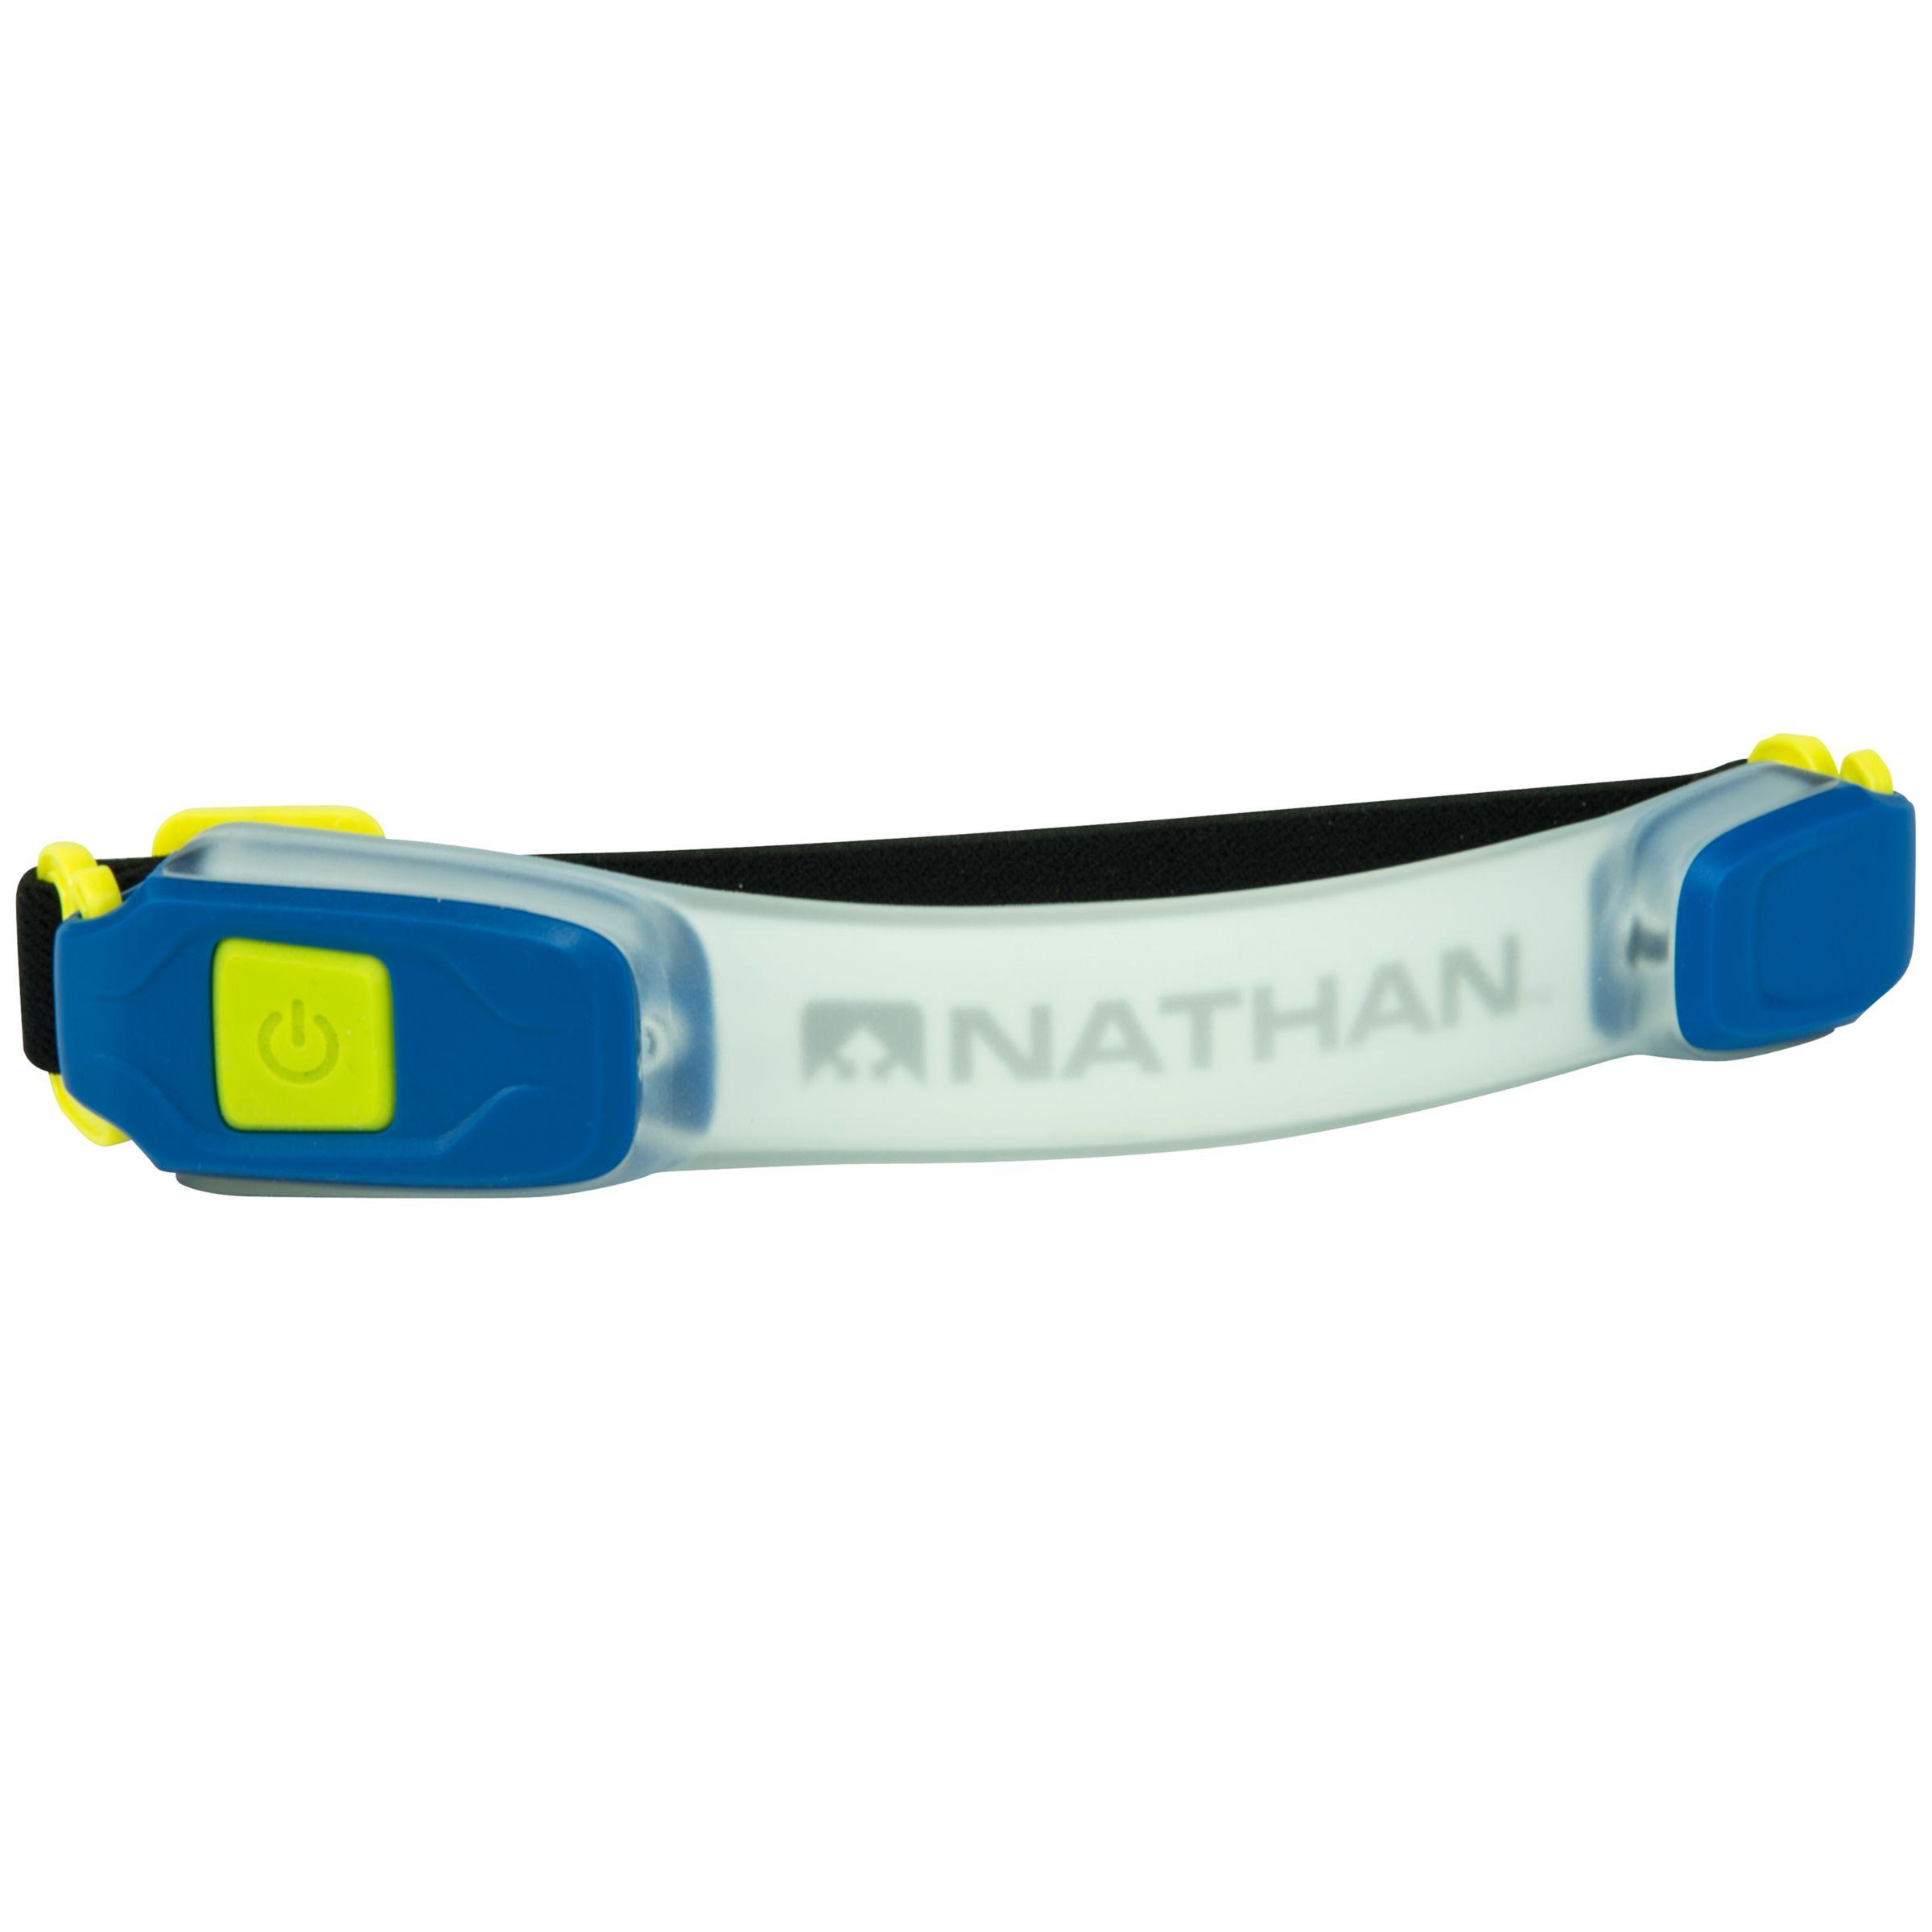 Nathan Nathan LED LightBender, Yellow